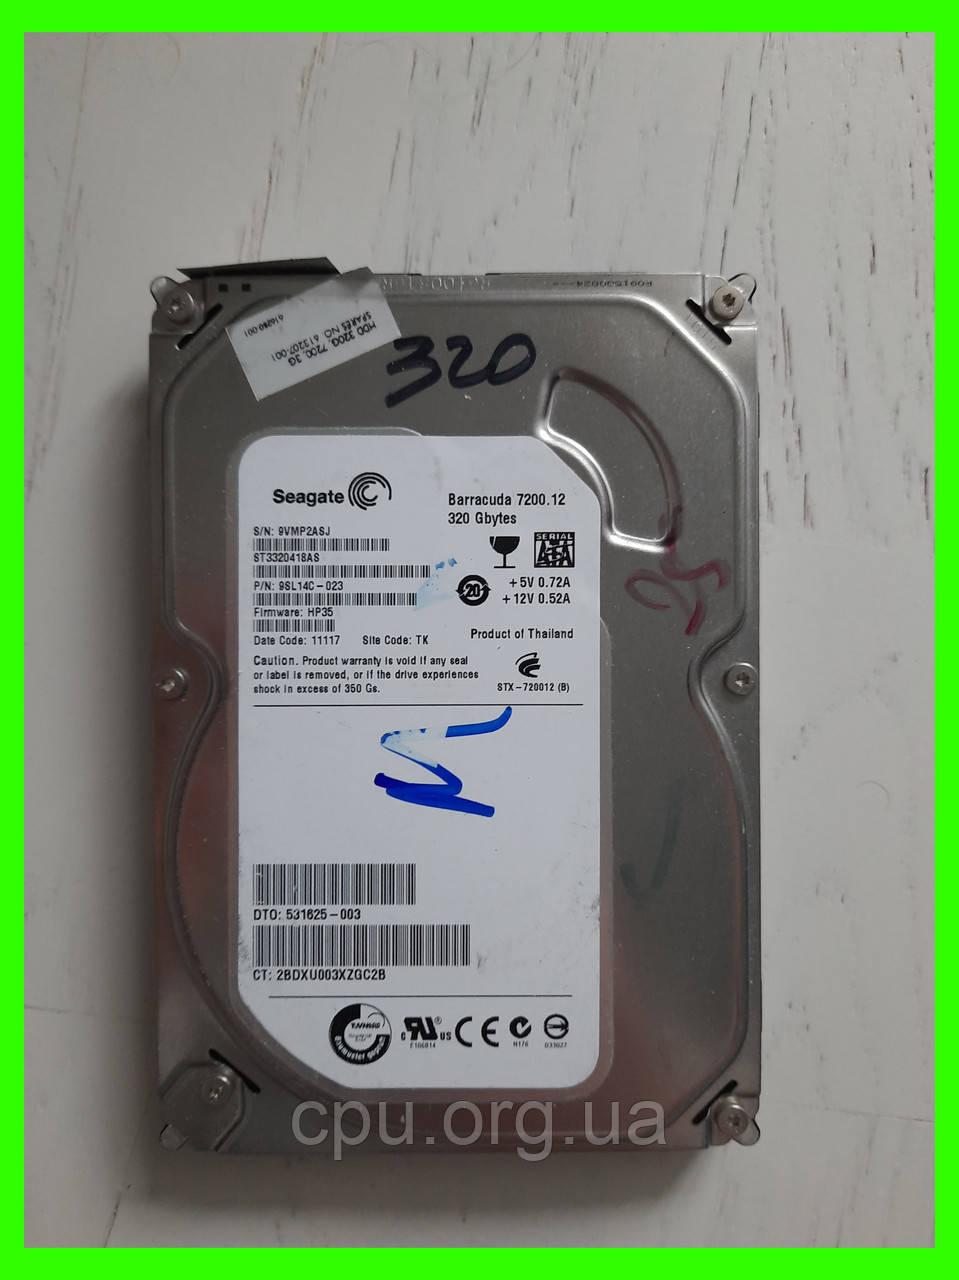 Жесткий диск HDD 3.5 320GB Seagate Barracuda 7200.12 ST3320418AS 8M 7200 об/мин